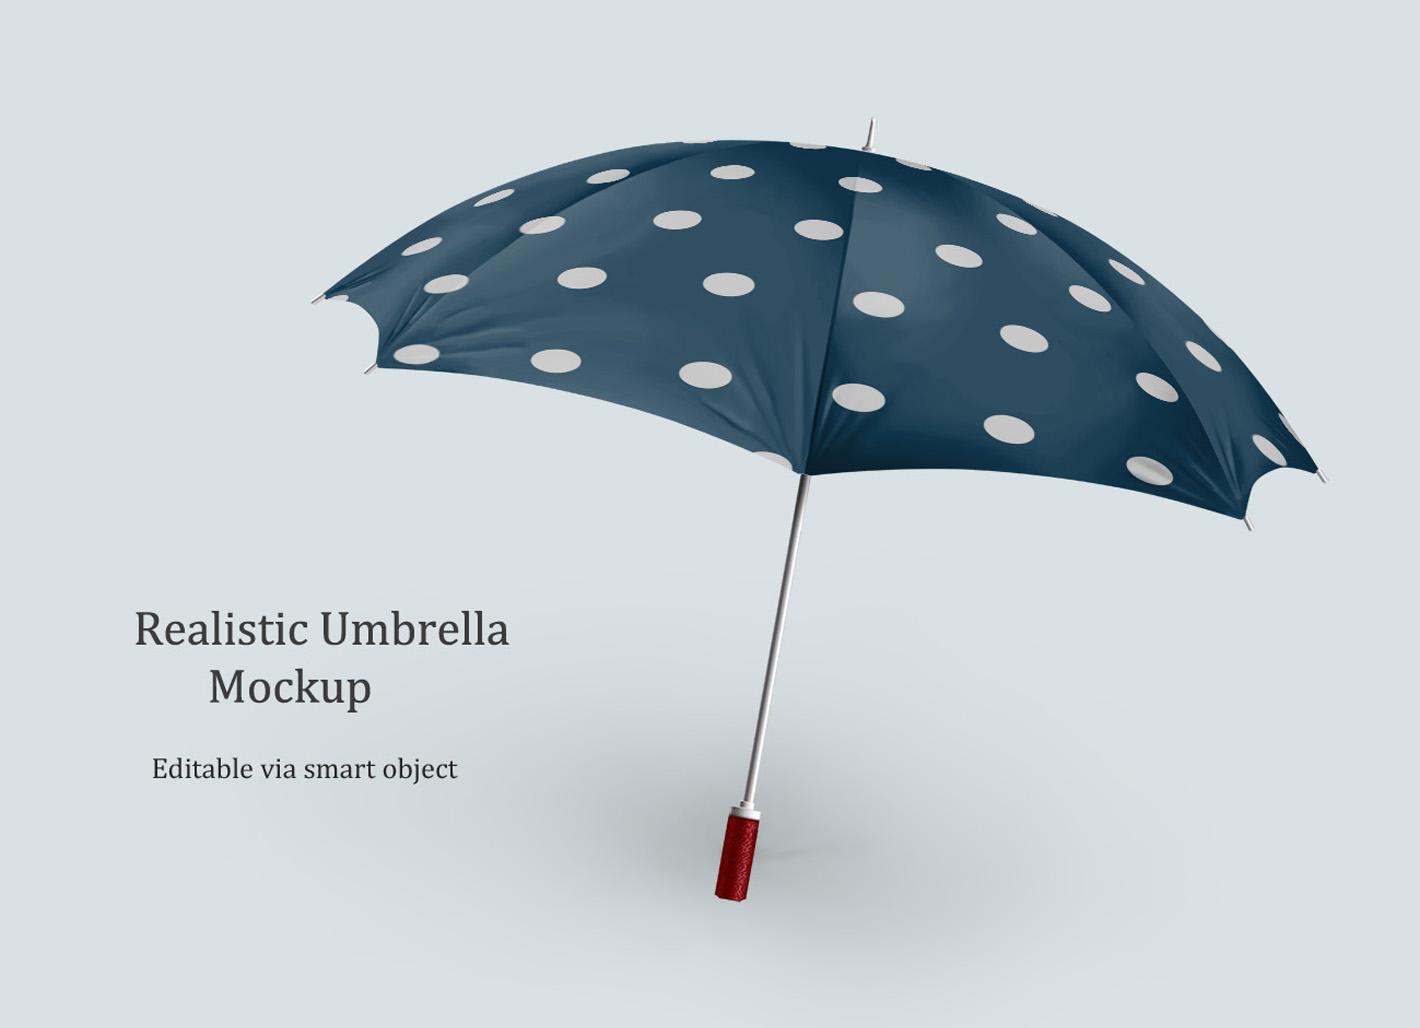 Realistic Umbrella Free Mock-Up